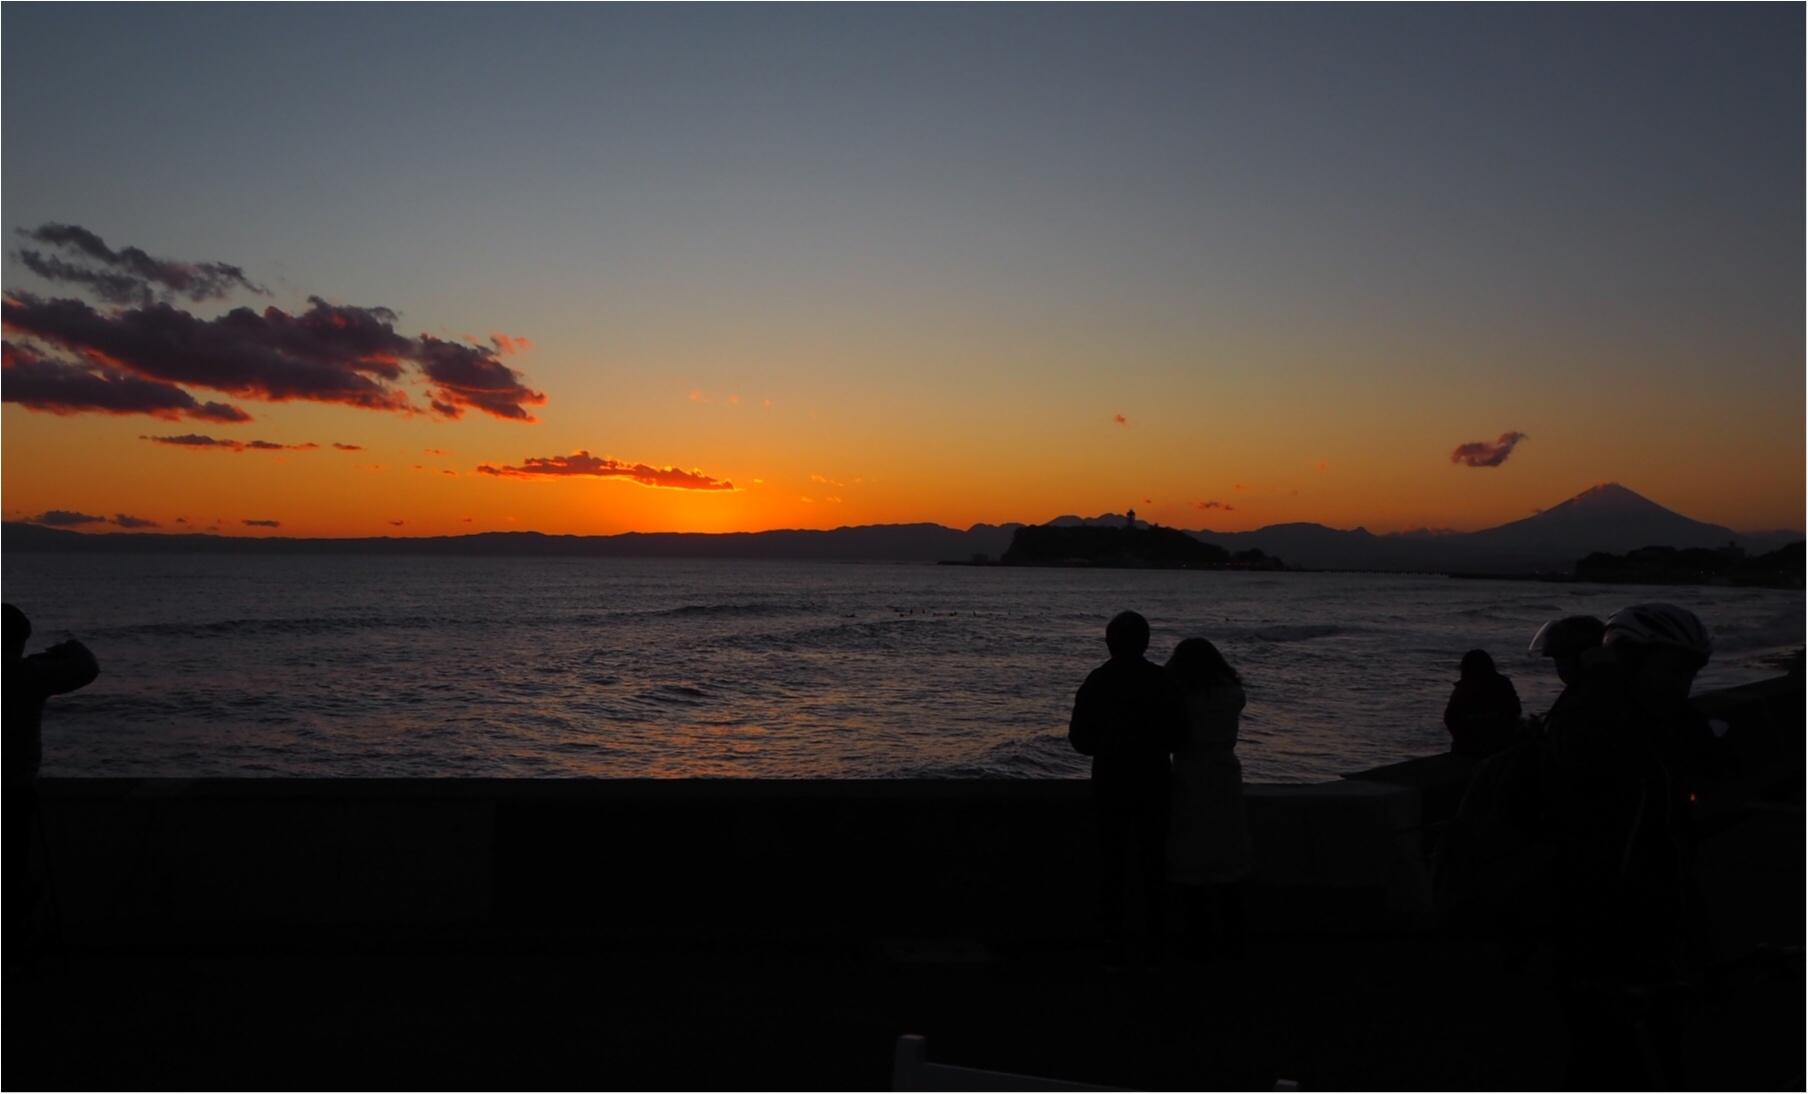 【アロハ☺︎気分はハワイ?】美味しいコーヒーと目の前に広がる七里ガ浜の海!贅沢な時間をぜひココで...❤︎_4_3